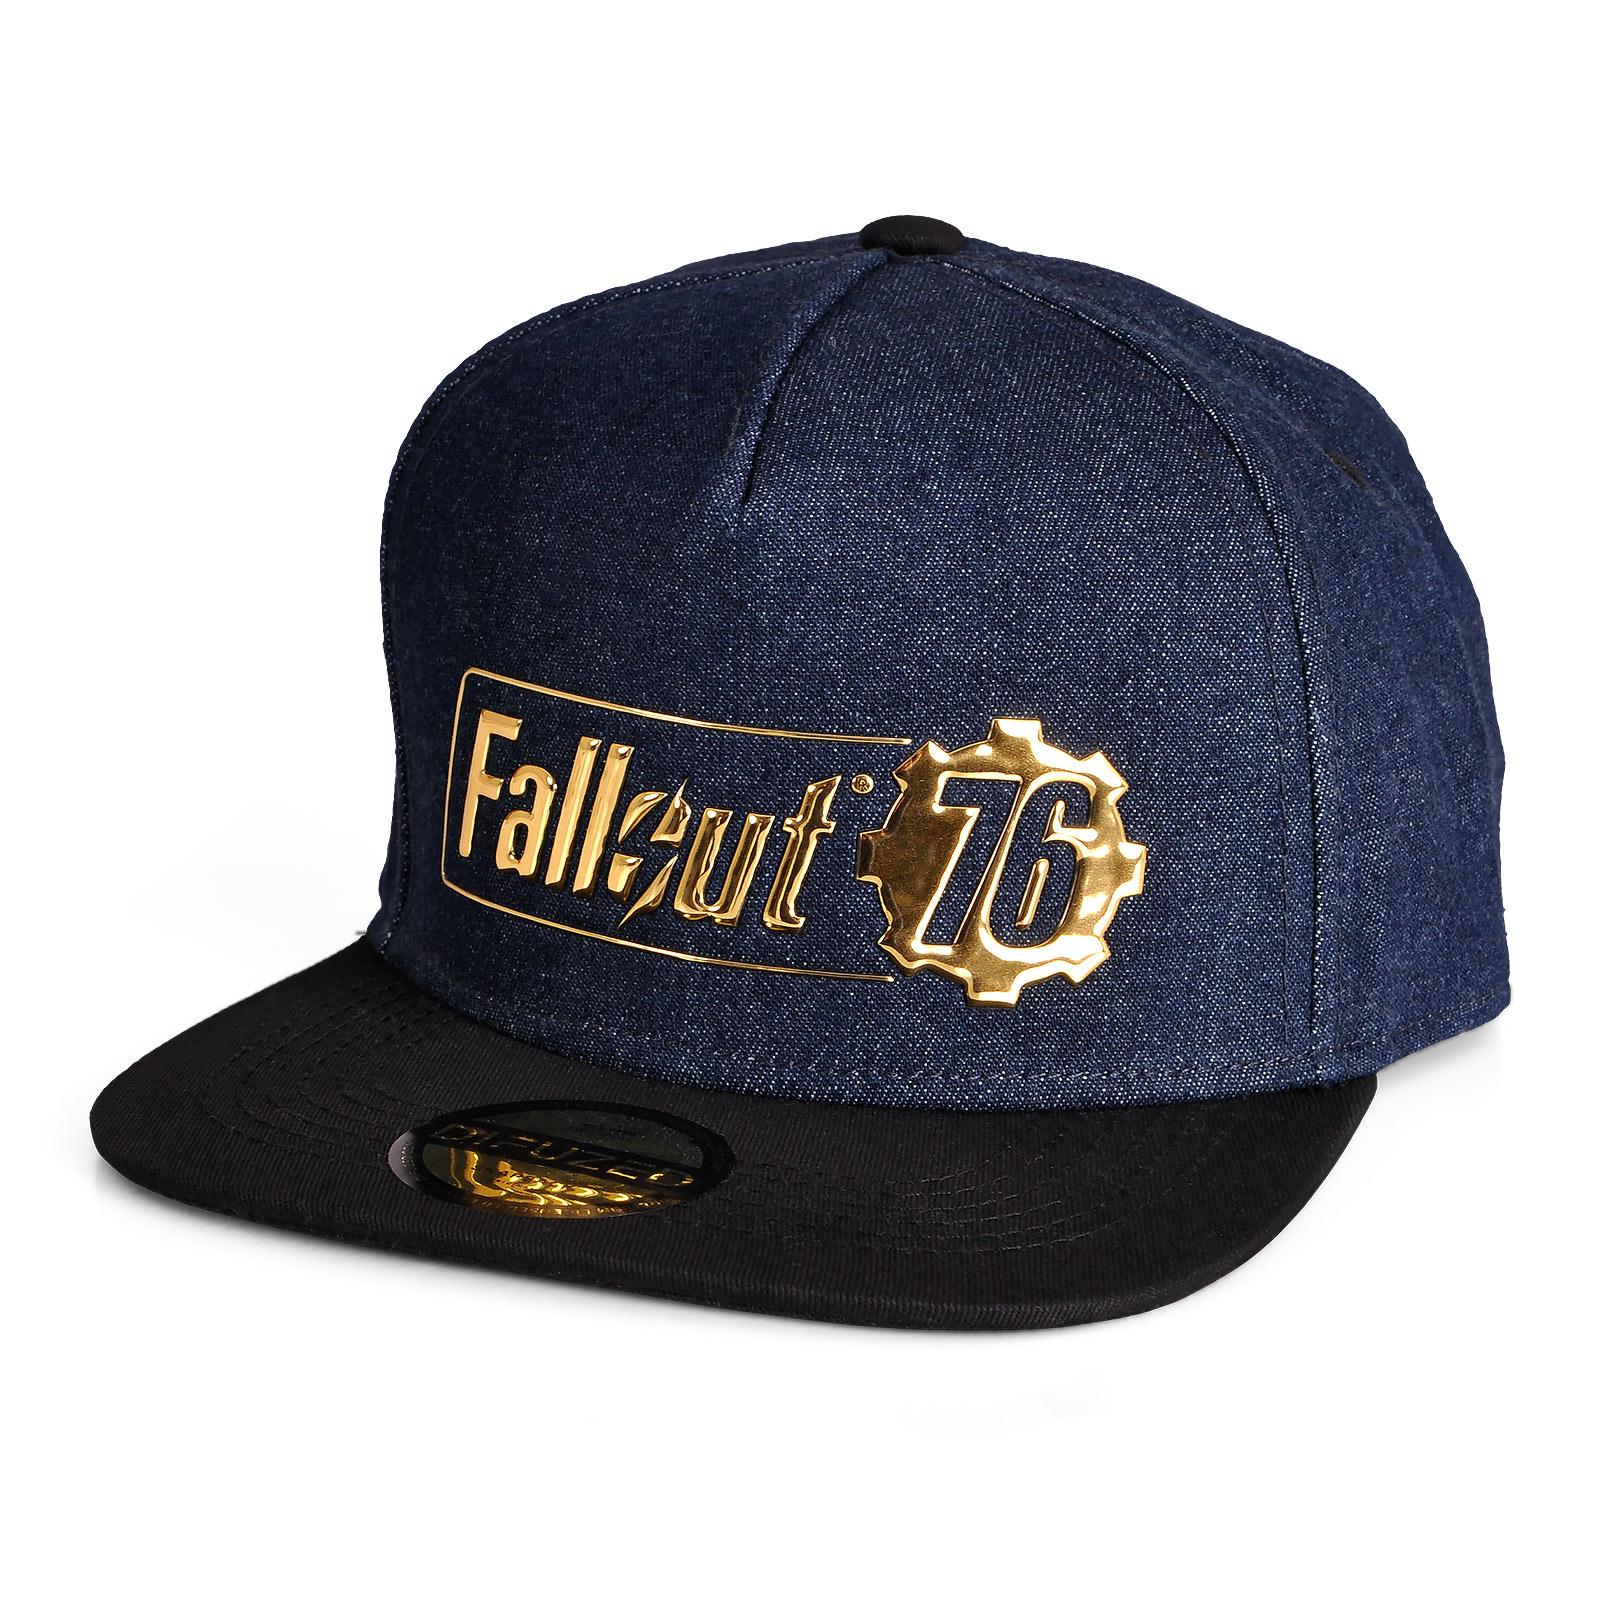 Fallout 76 Logo Snapback Cap